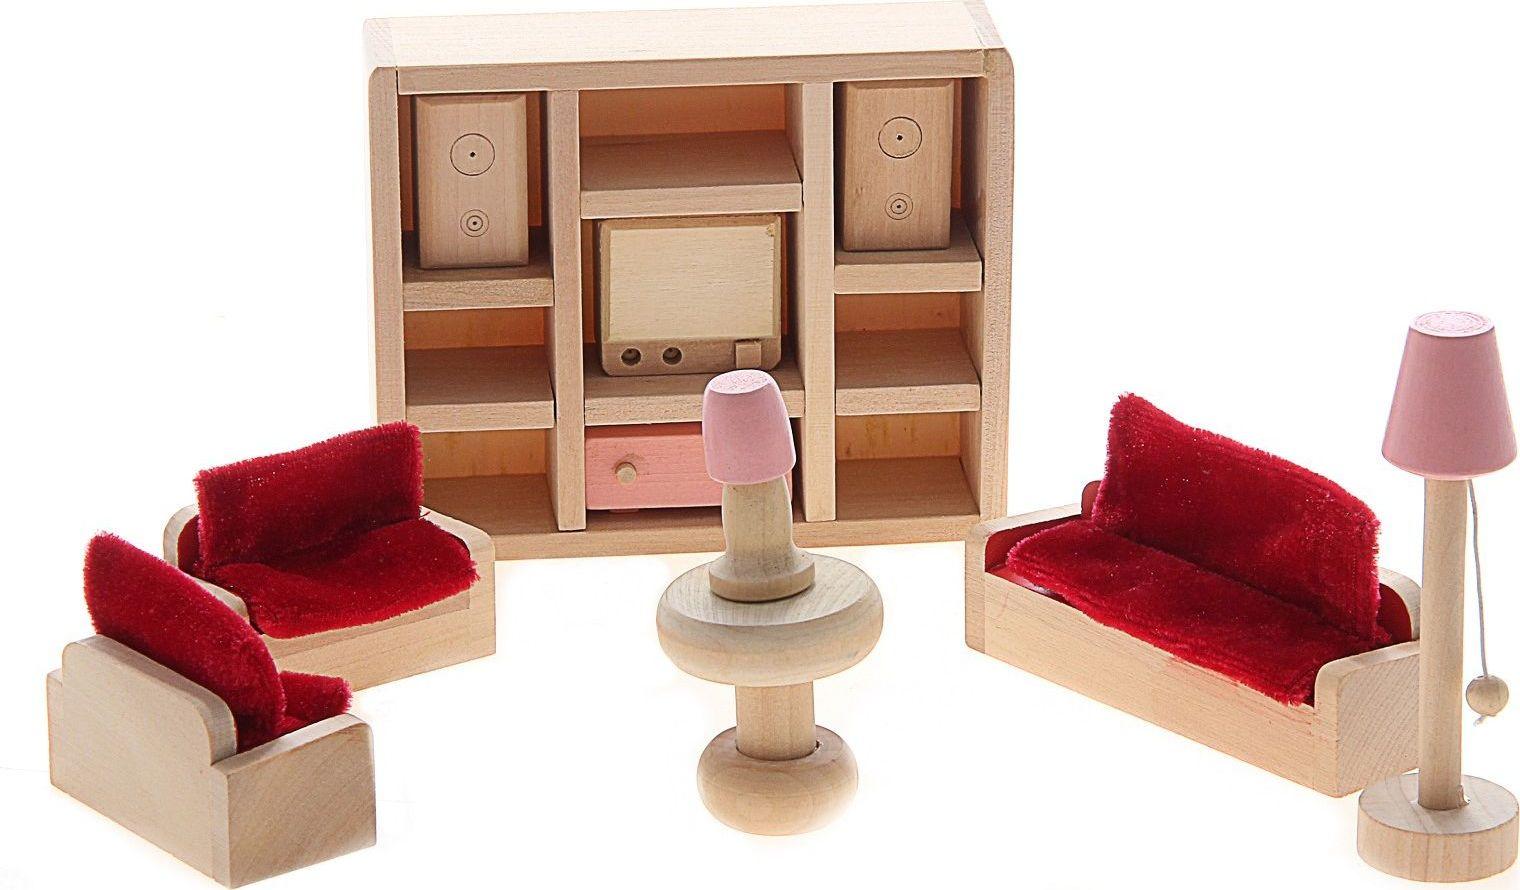 Sima-land Мебель для кукол Гостиная 11 предметов 730418 куплю 3 х комнатную квартиру в елшанке